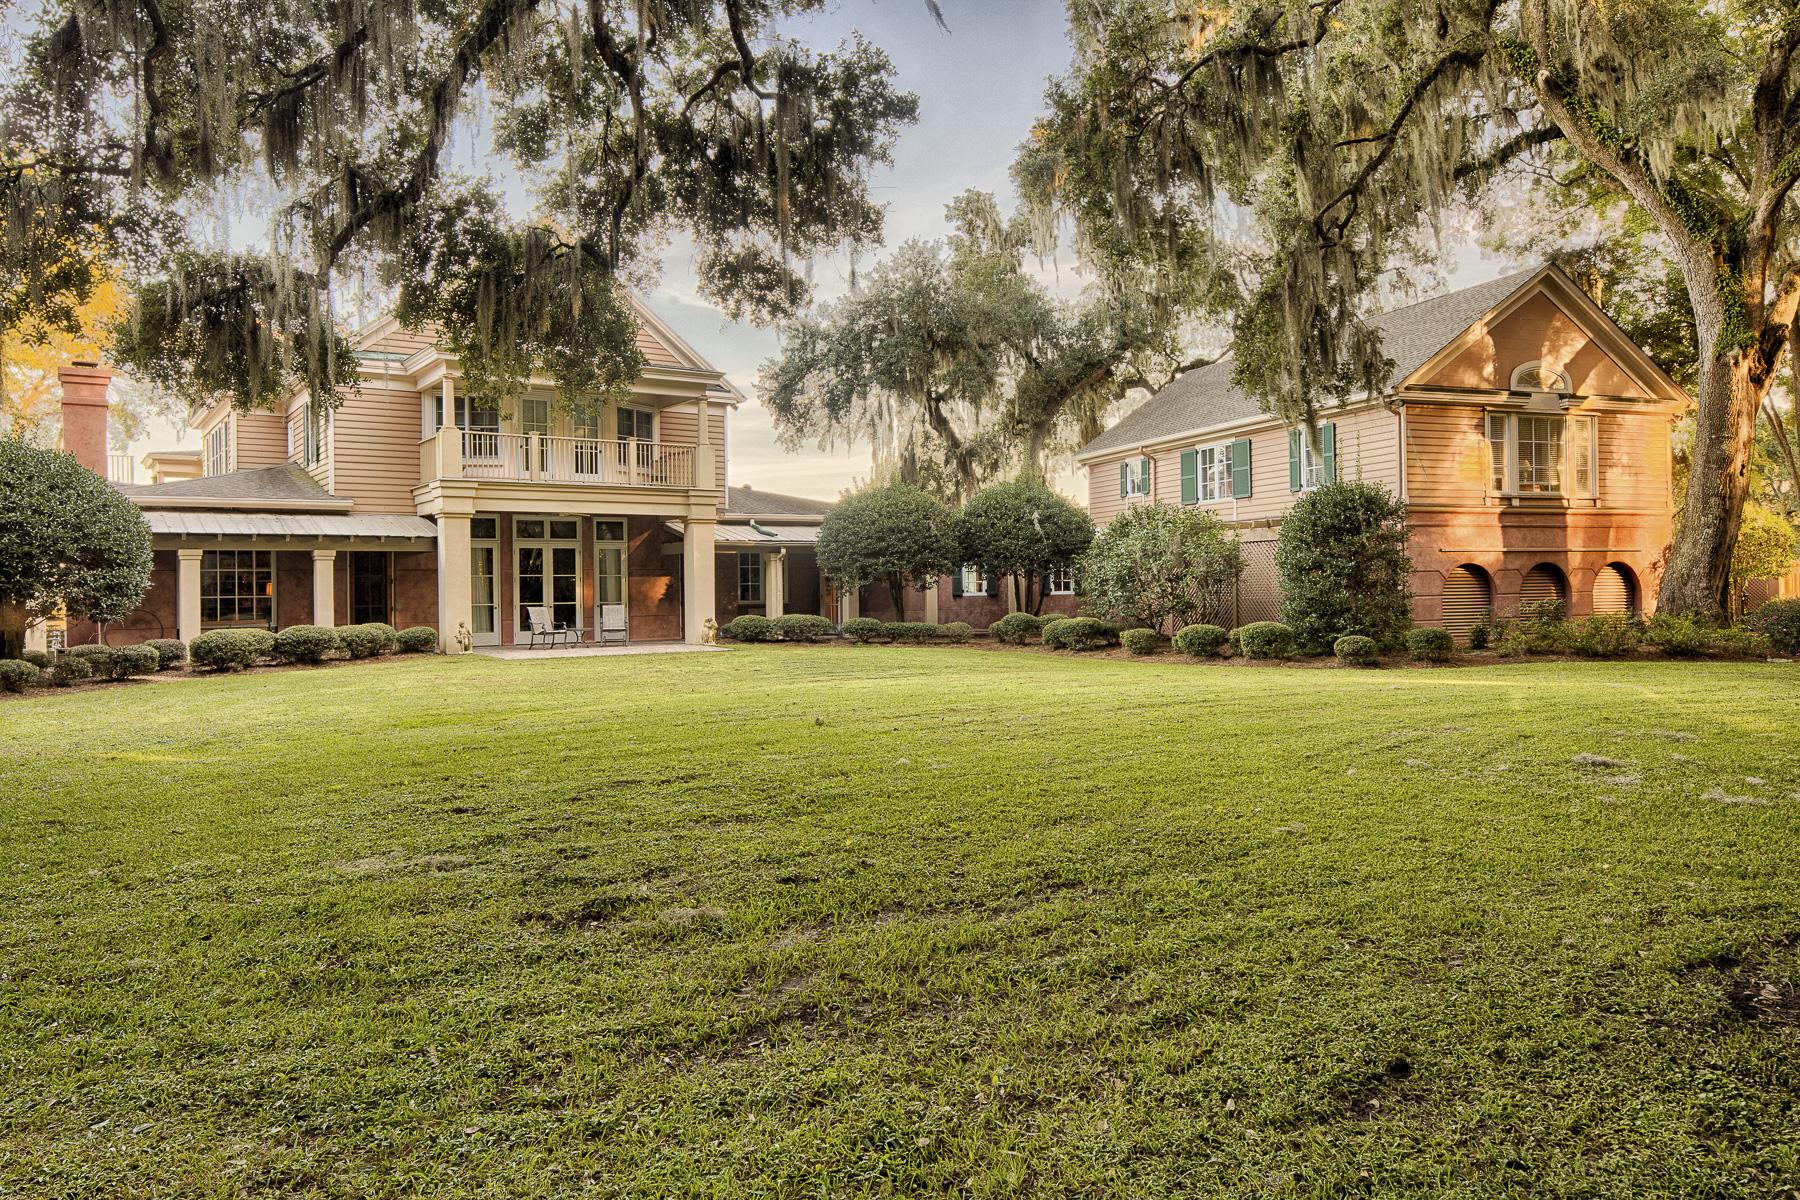 其它住宅 为 销售 在 Galleon's Lap 1 Heffalump Road Okatie, 南卡罗来纳州 29909 美国